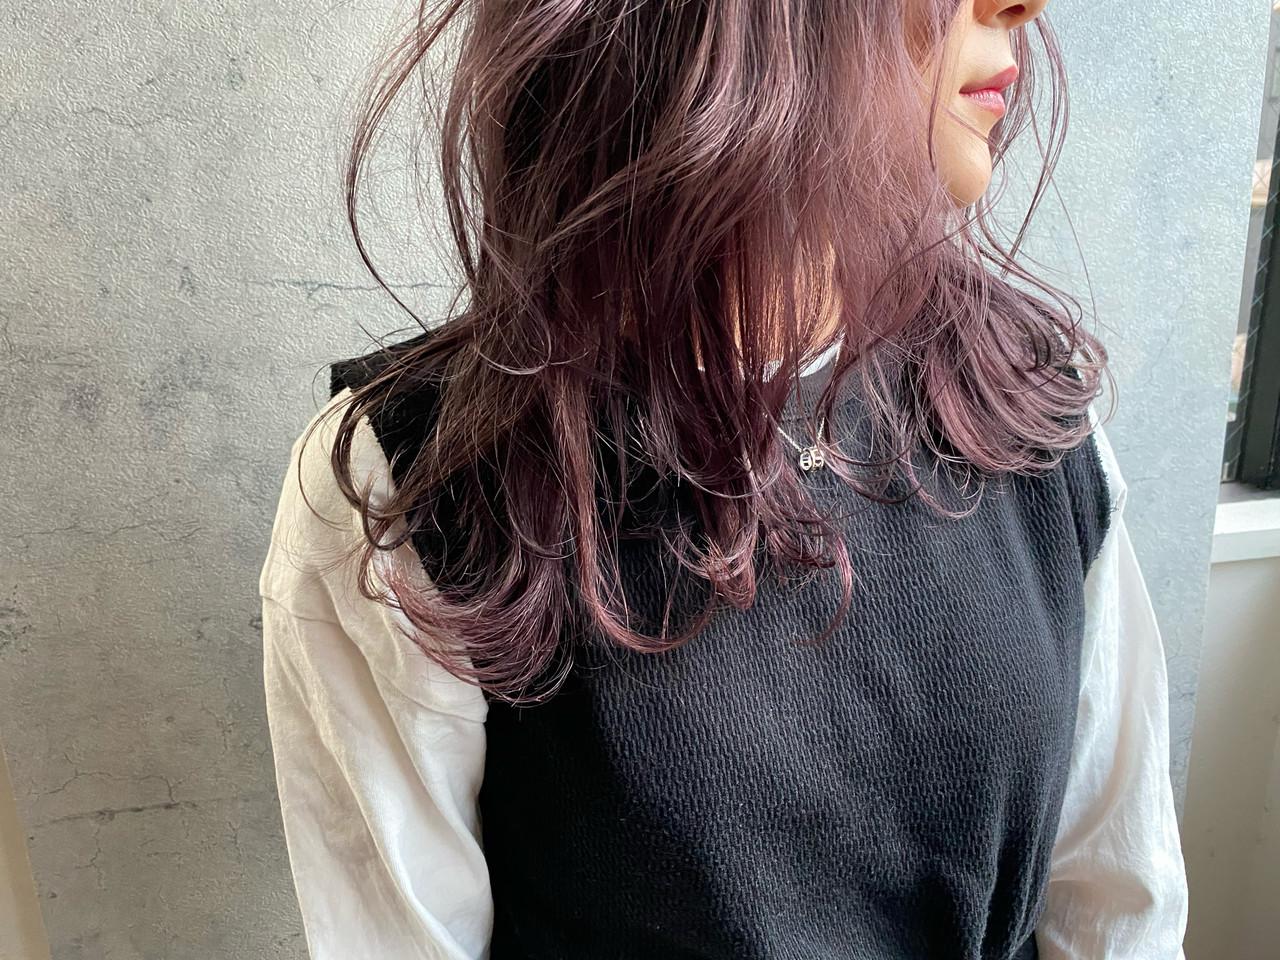 ラベンダーグレージュ ラベンダーアッシュ フェミニン ピンクラベンダー ヘアスタイルや髪型の写真・画像